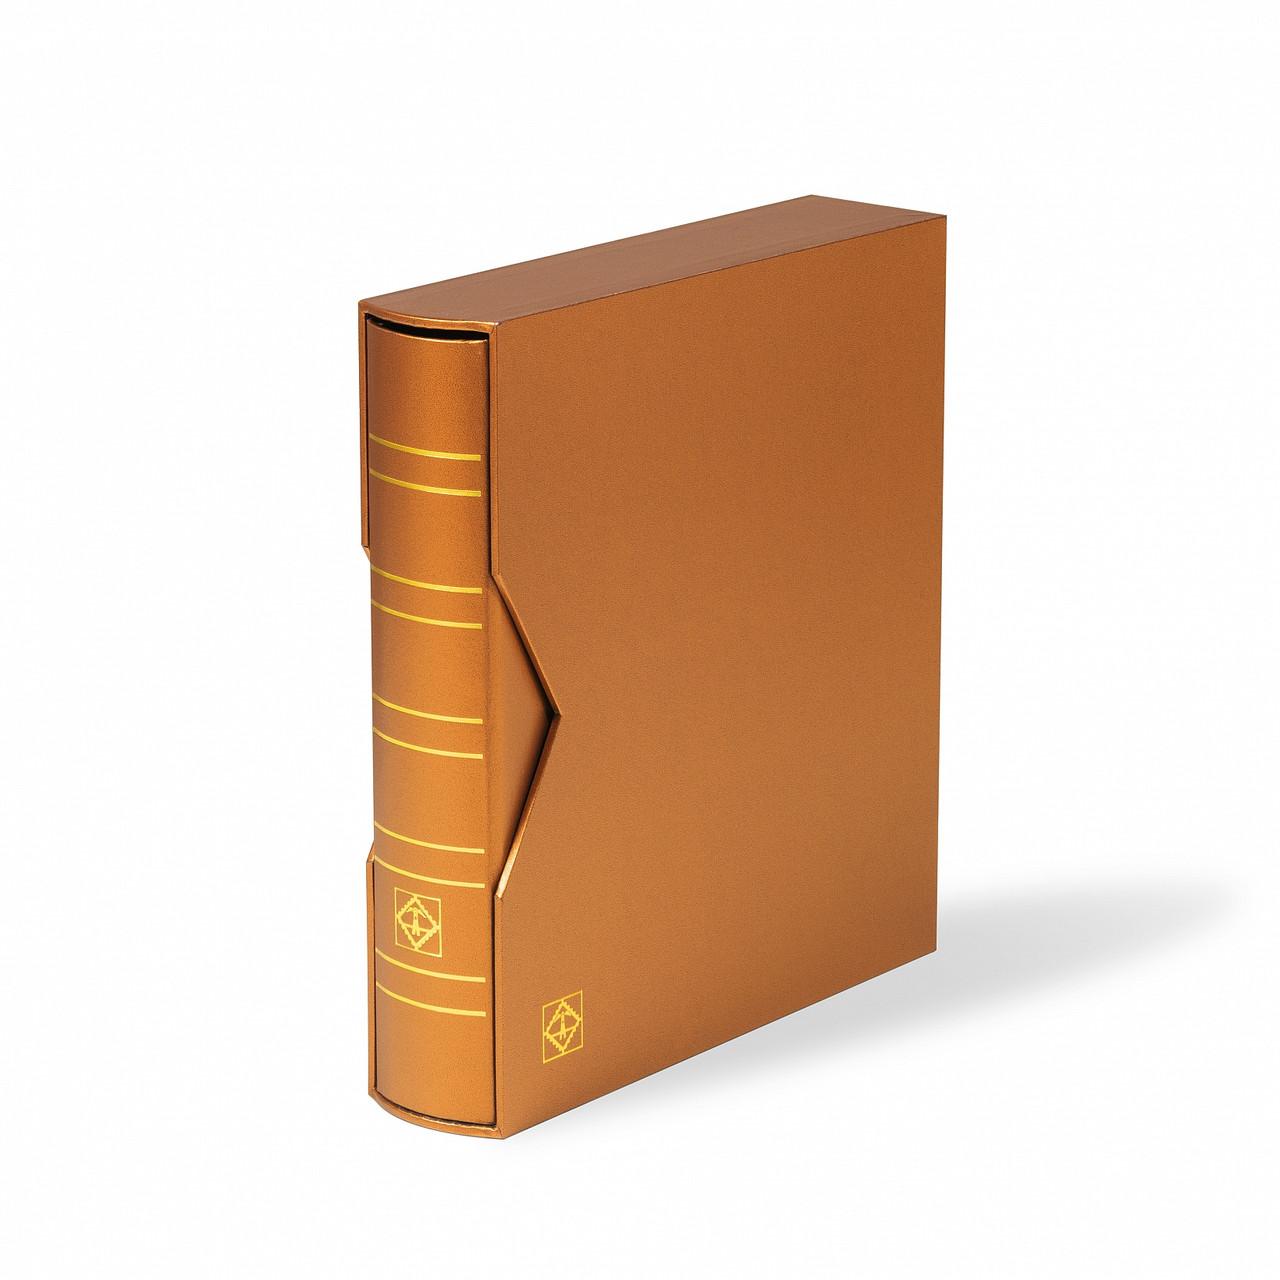 Альбом Leuchtturm, OPTIMA METALLIC EDITION вместимостью (до 60 листов) для монет или банкнот, с